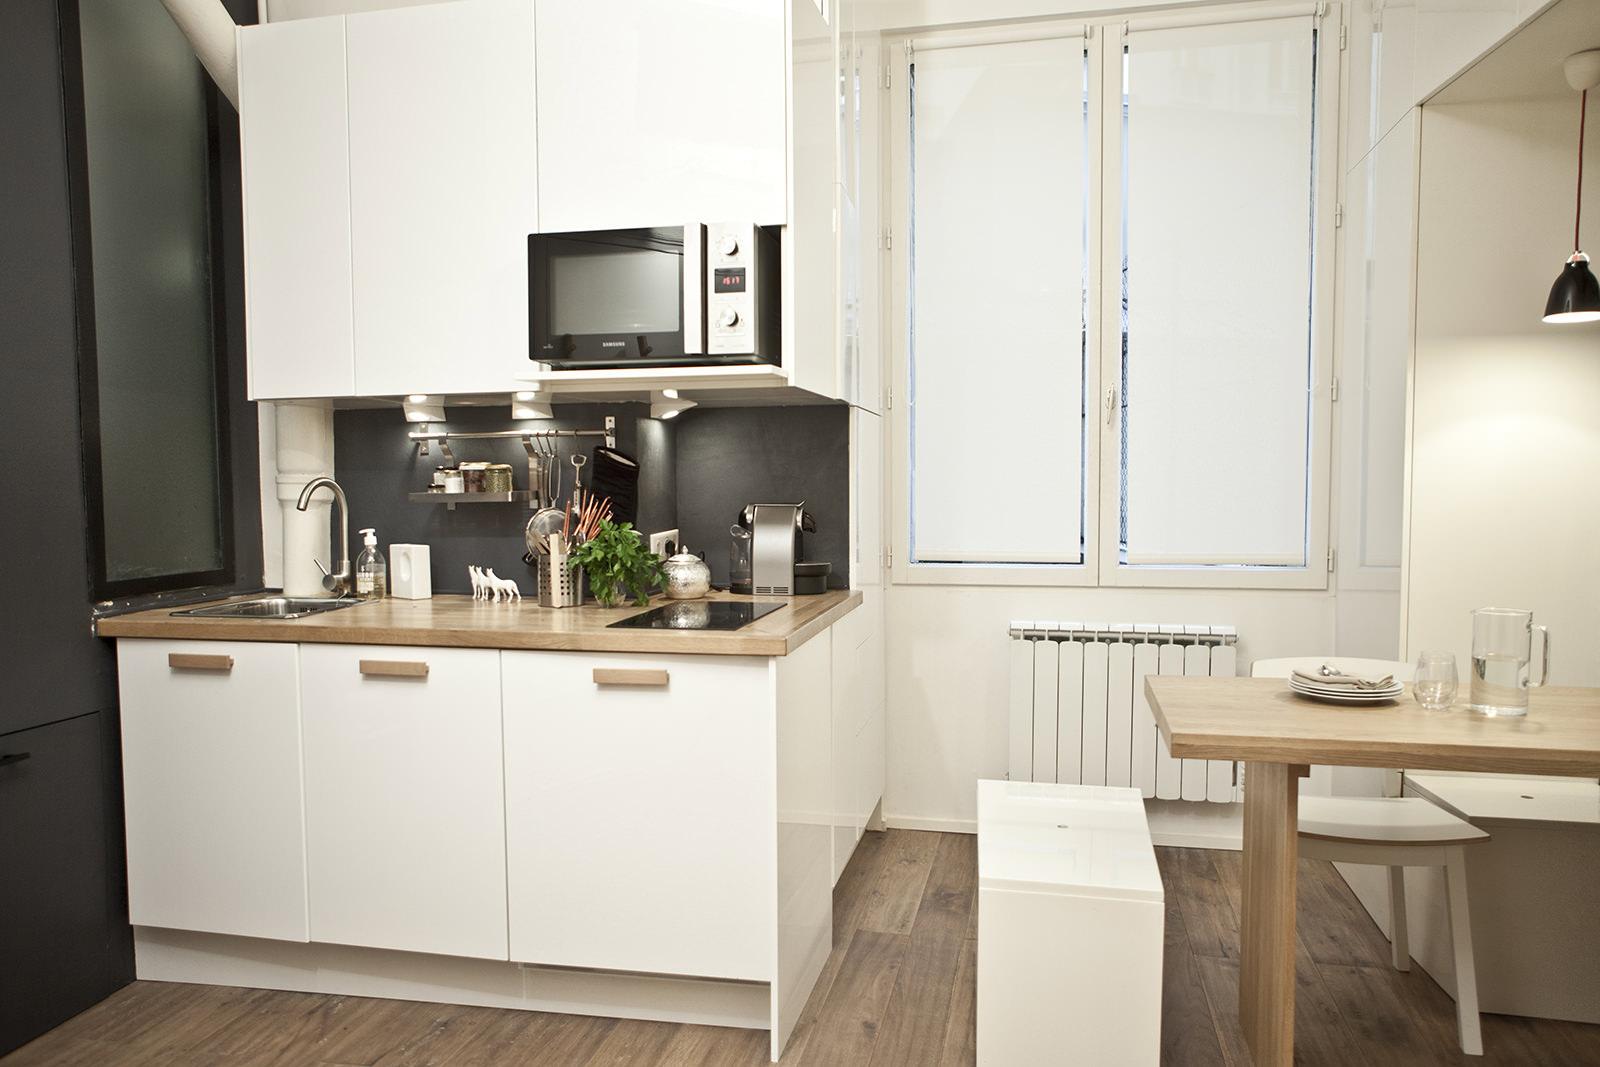 Топ-5 идей, как сделать маленькую кухню функциональной